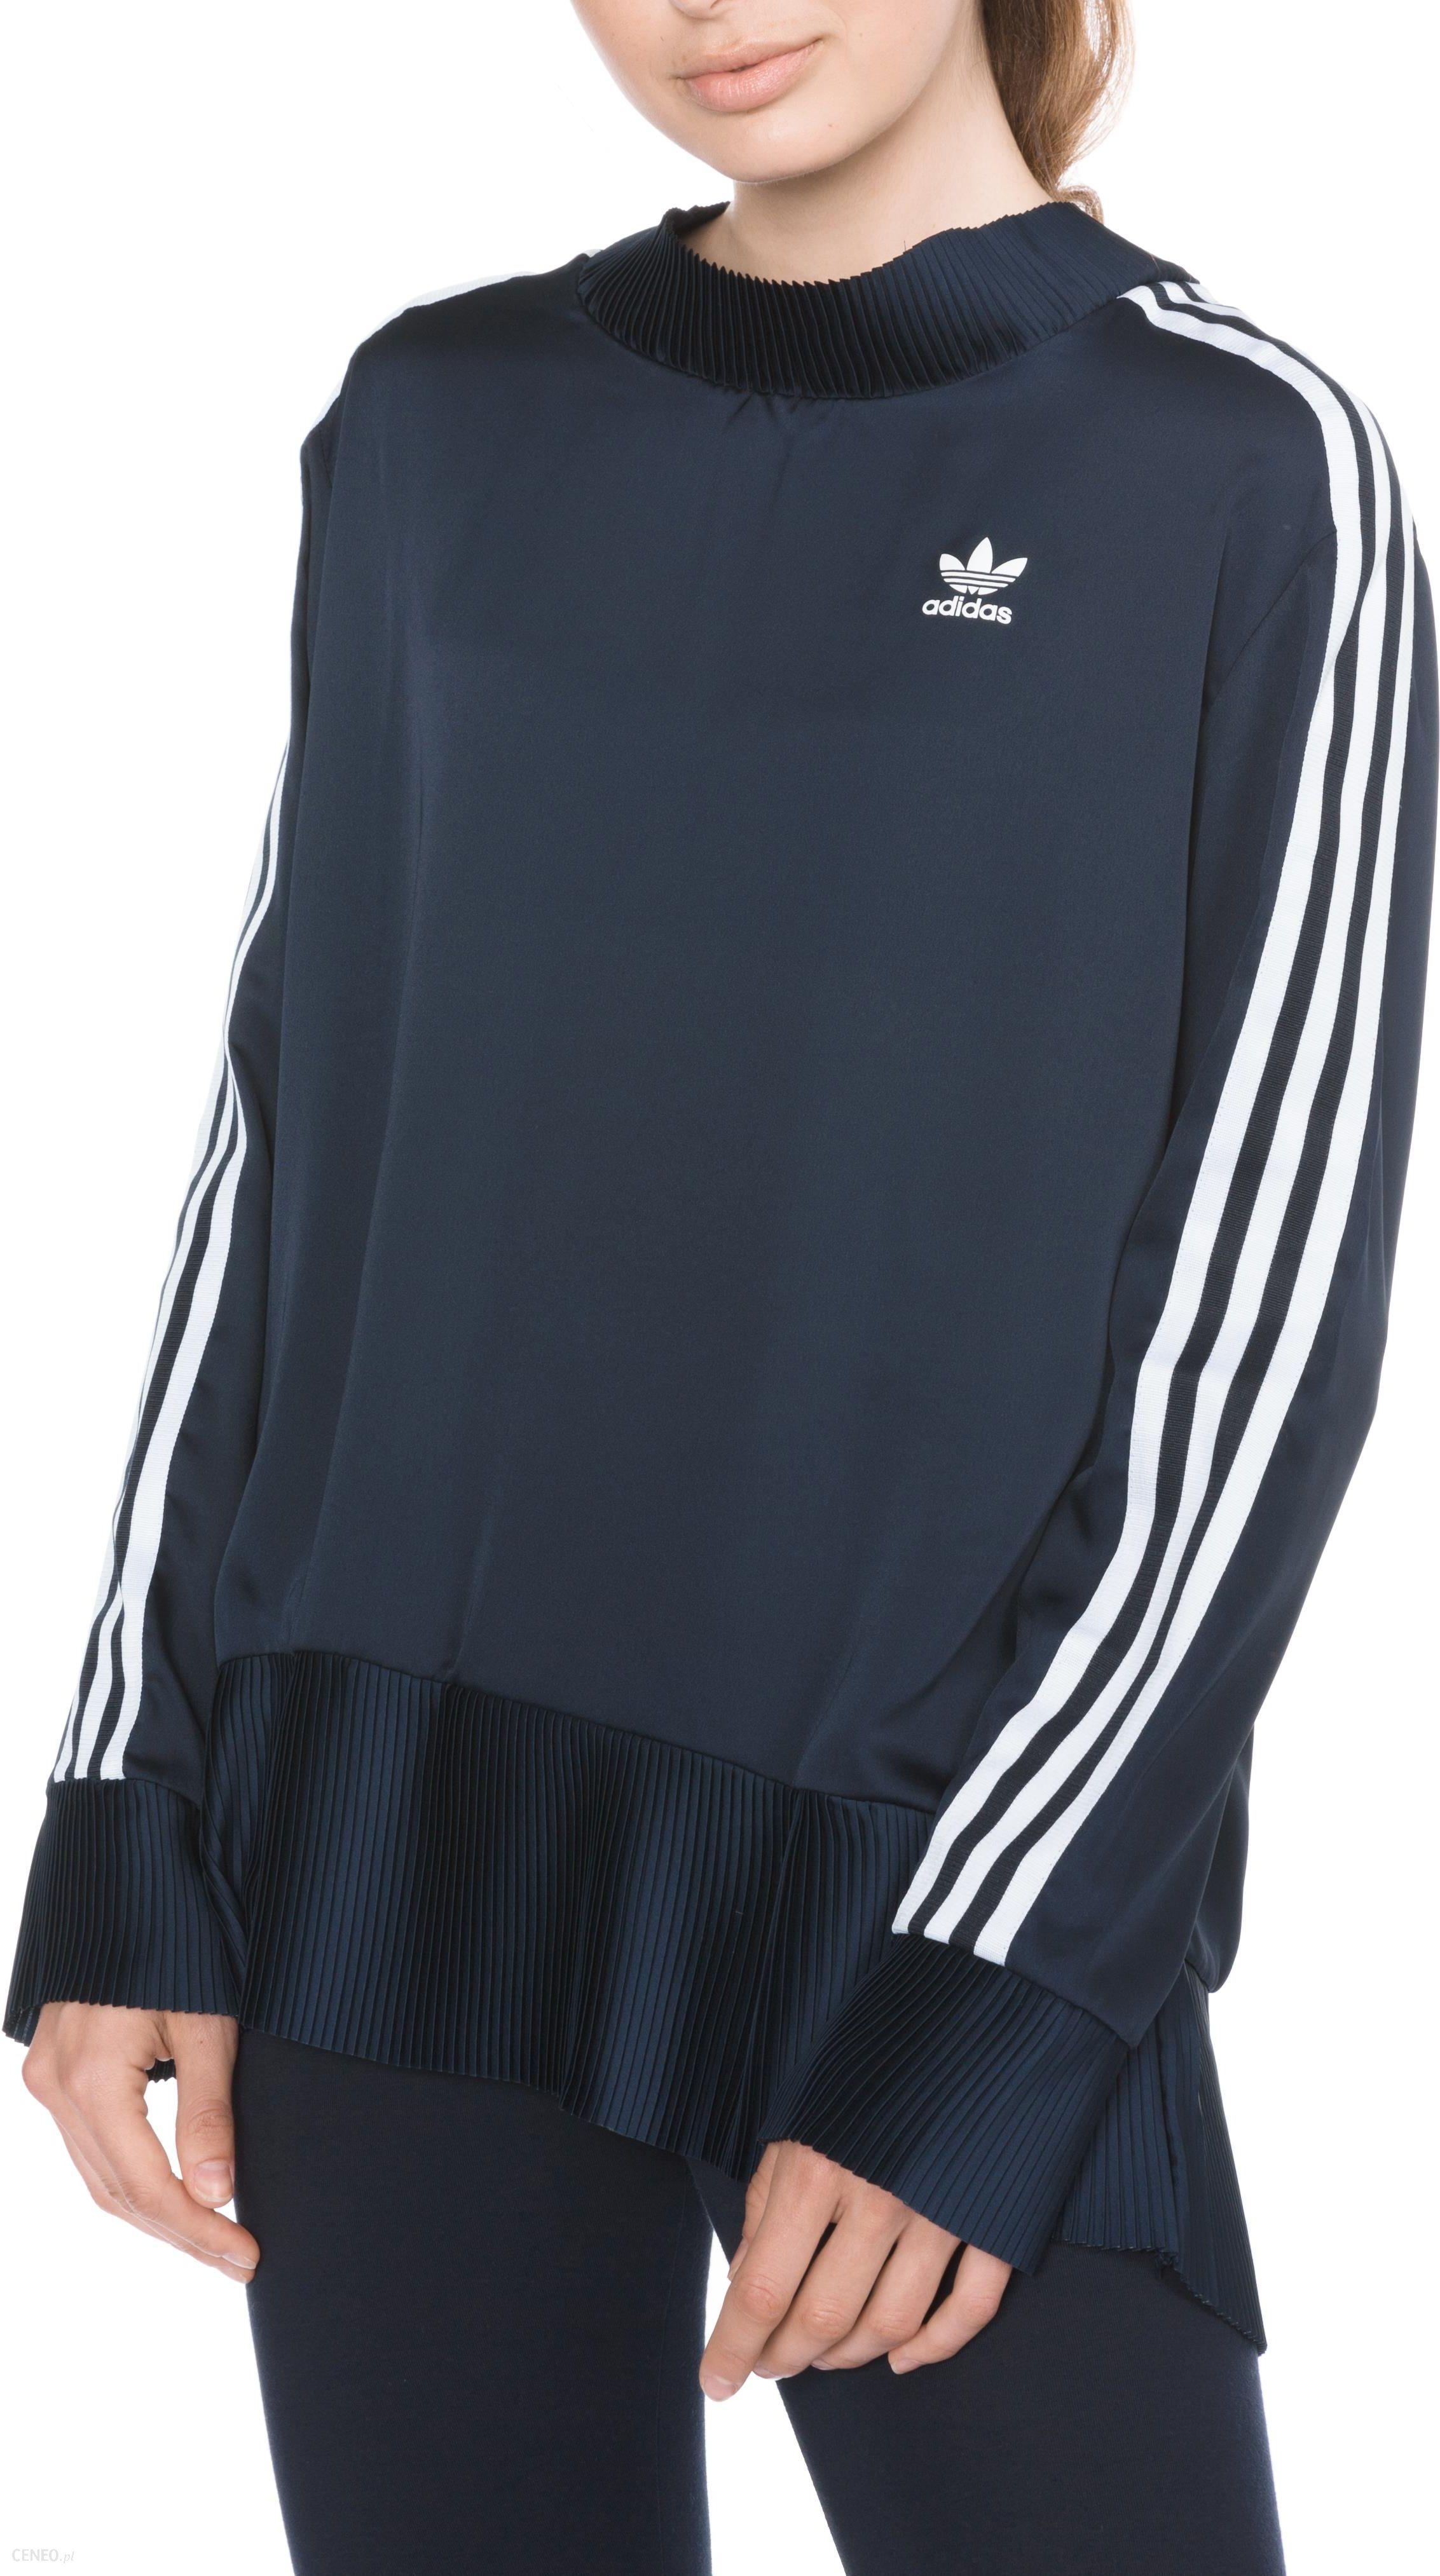 Bluza męska adidas Originals 3 Stripes DV1554 | NIEBIESKI